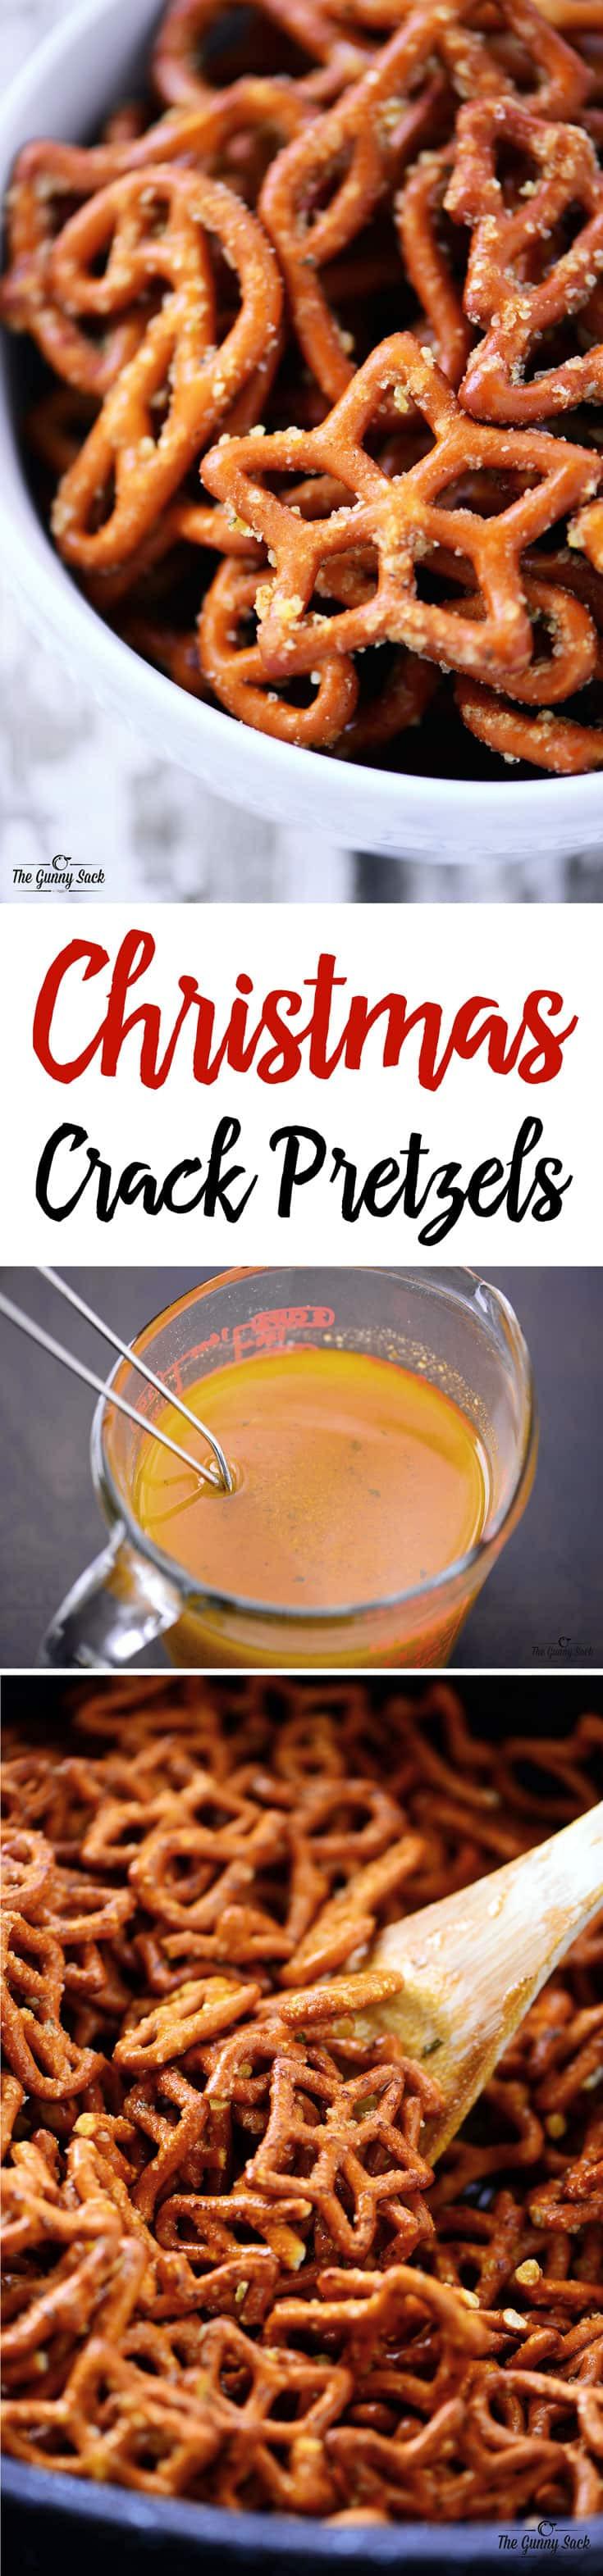 Christmas Crack Recipe With Pretzels  Christmas Crack Pretzels Recipe The Gunny Sack